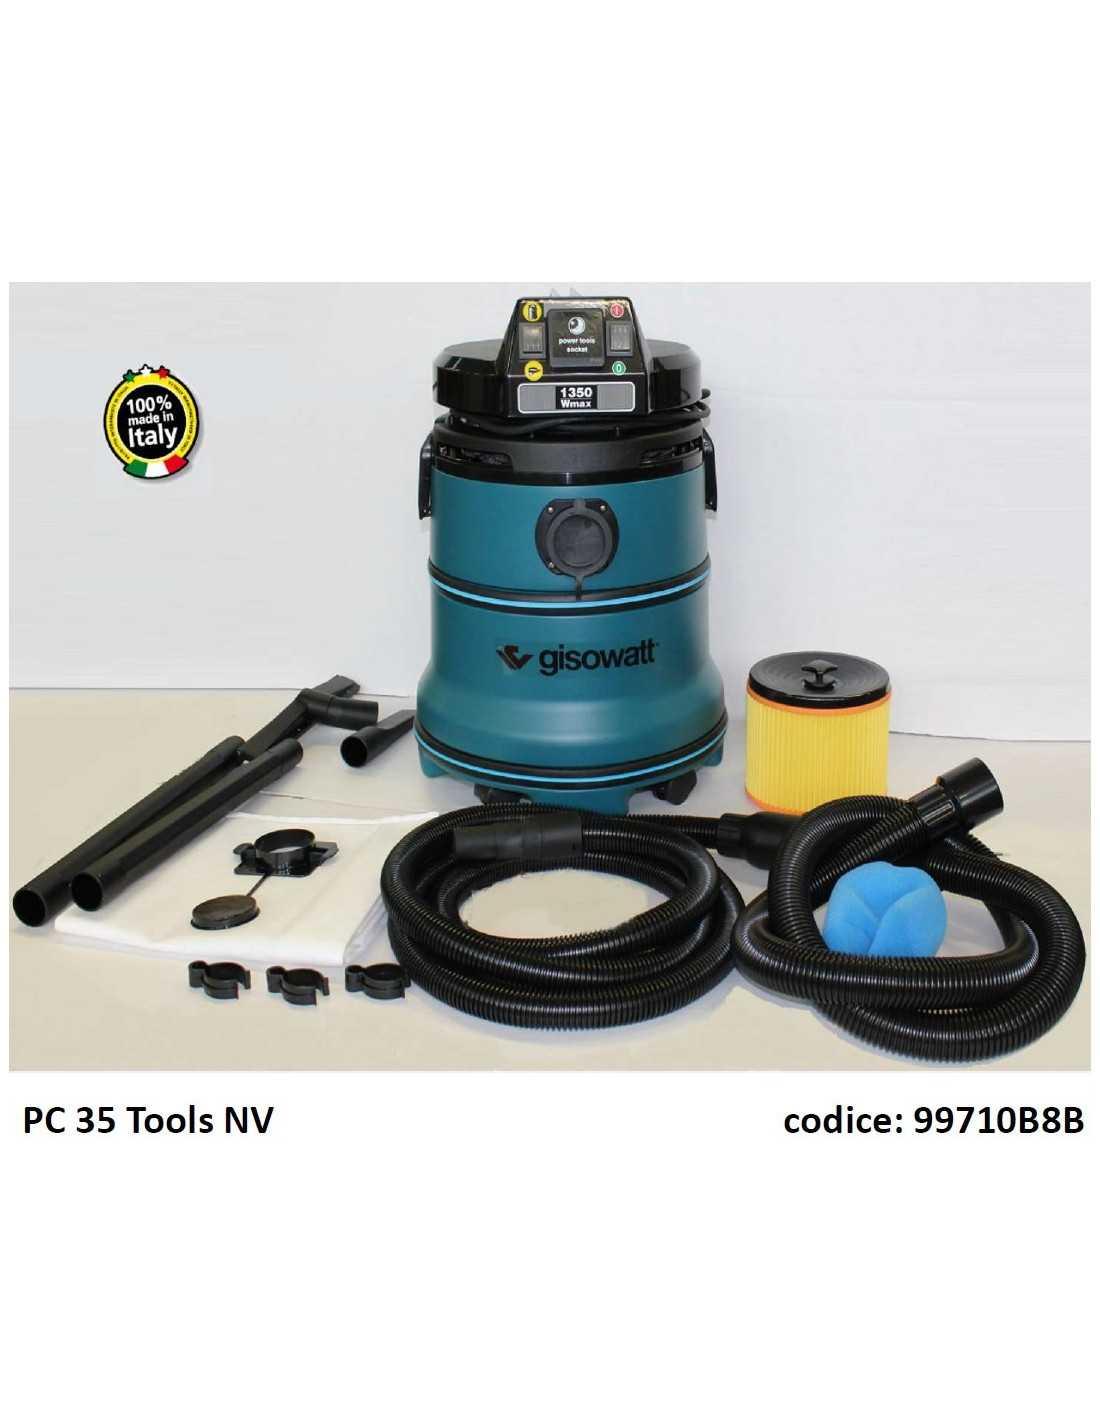 ASPIRATORE AUTOMATICO CON PRESA PER ELETTROUTENSILI GISOWATT PC35 TOOLS NV